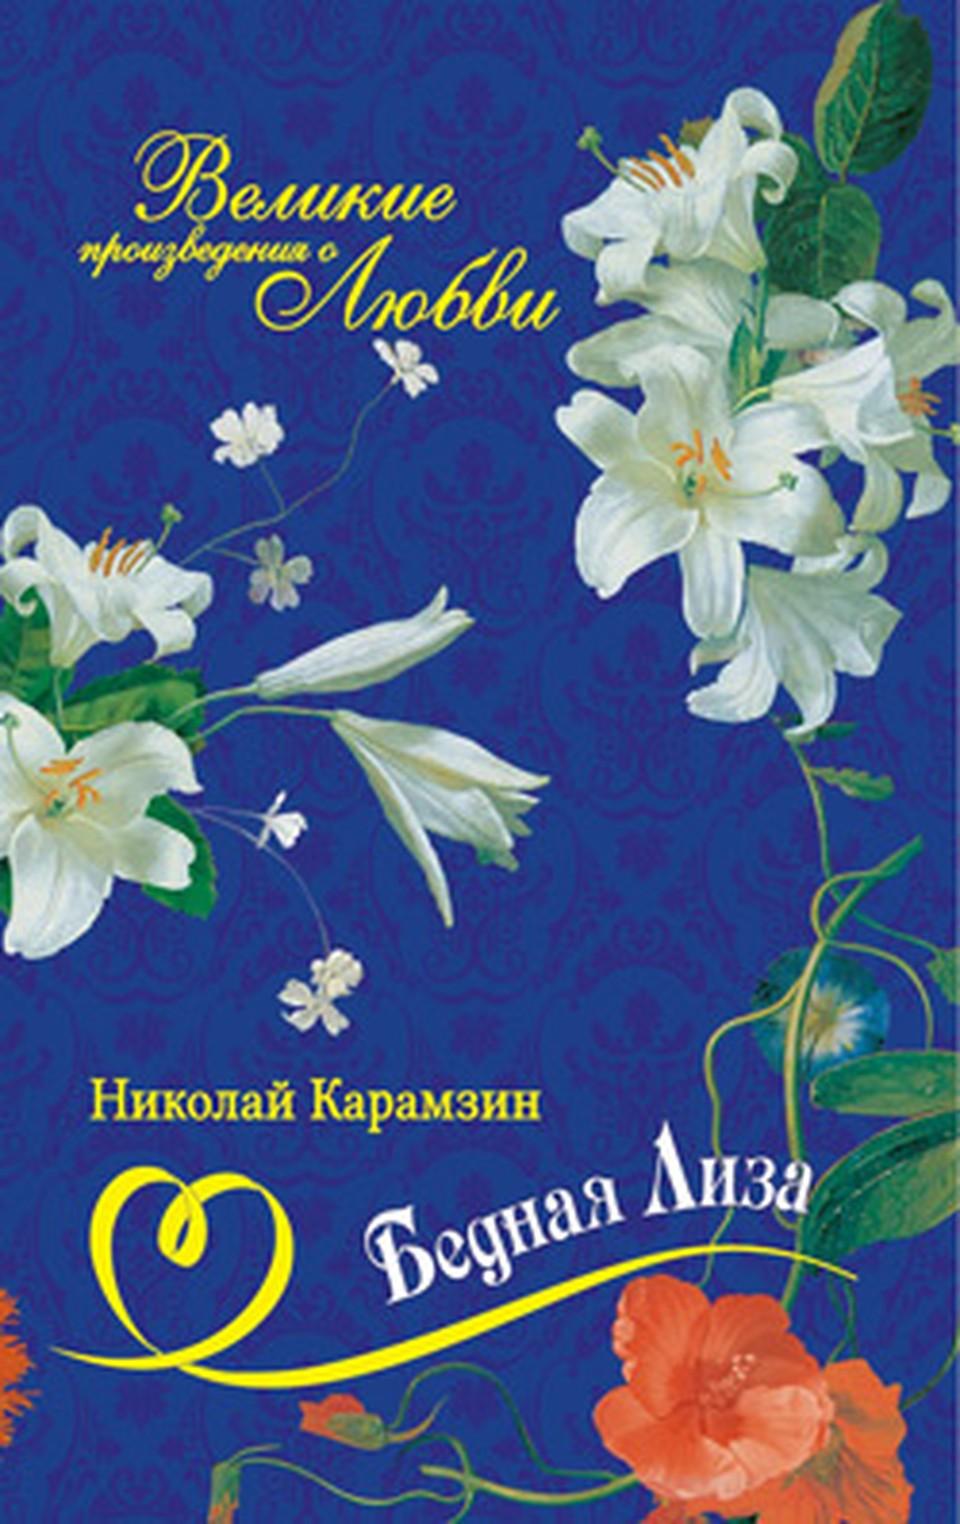 """Первый том коллекции """"Великие  произведения о любви""""."""